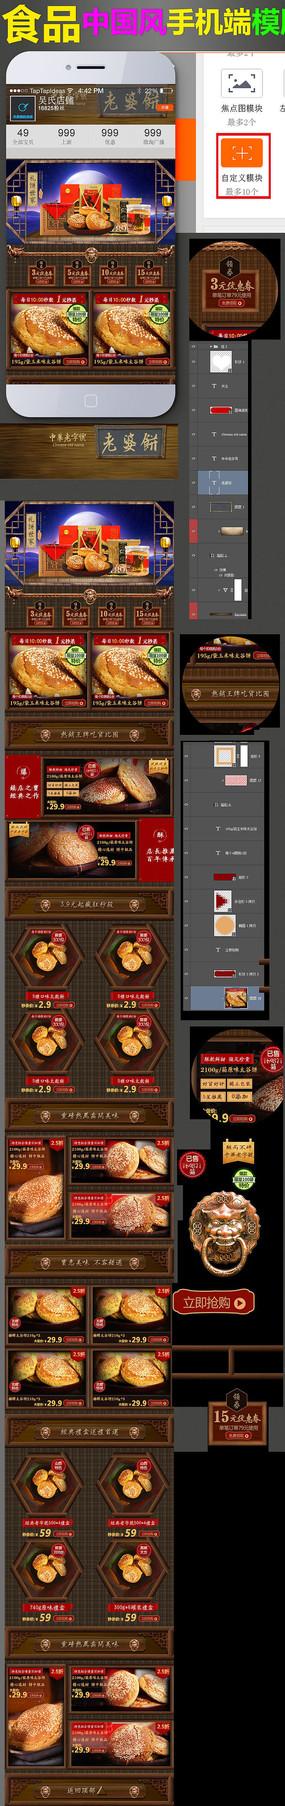 中国风手机端食品坚果礼品首页海报 PSD